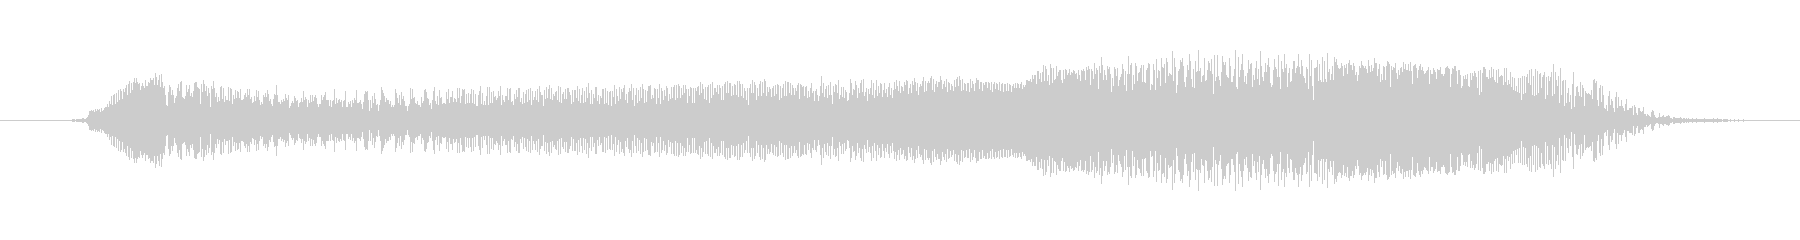 鳴き声 男性スクリーム強制ロング02の未再生の波形